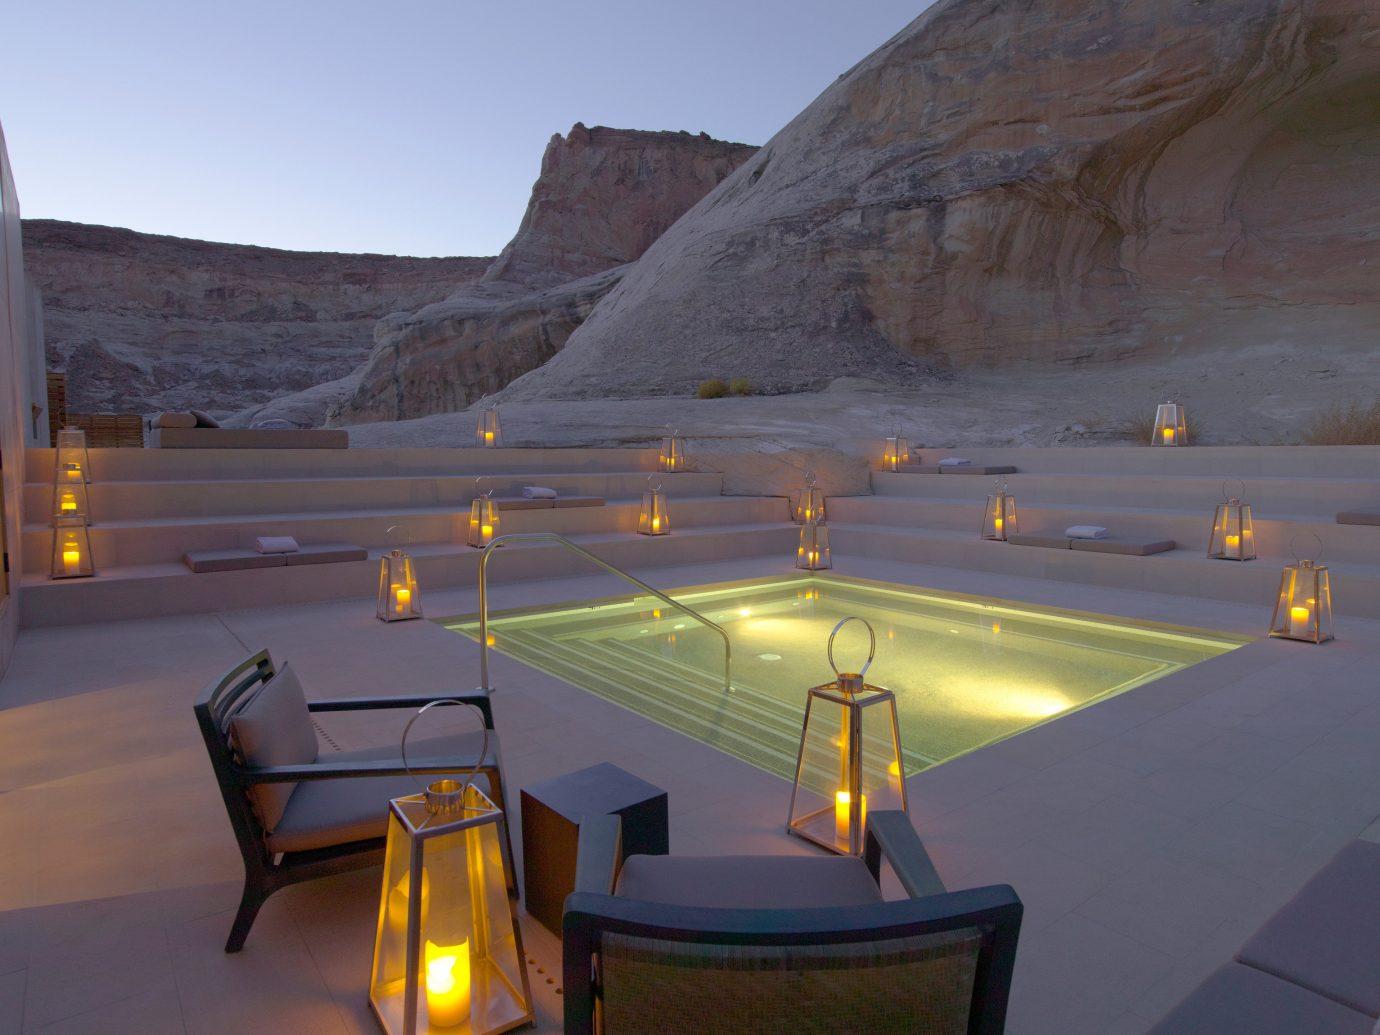 Hotels Romance sky outdoor screenshot estate